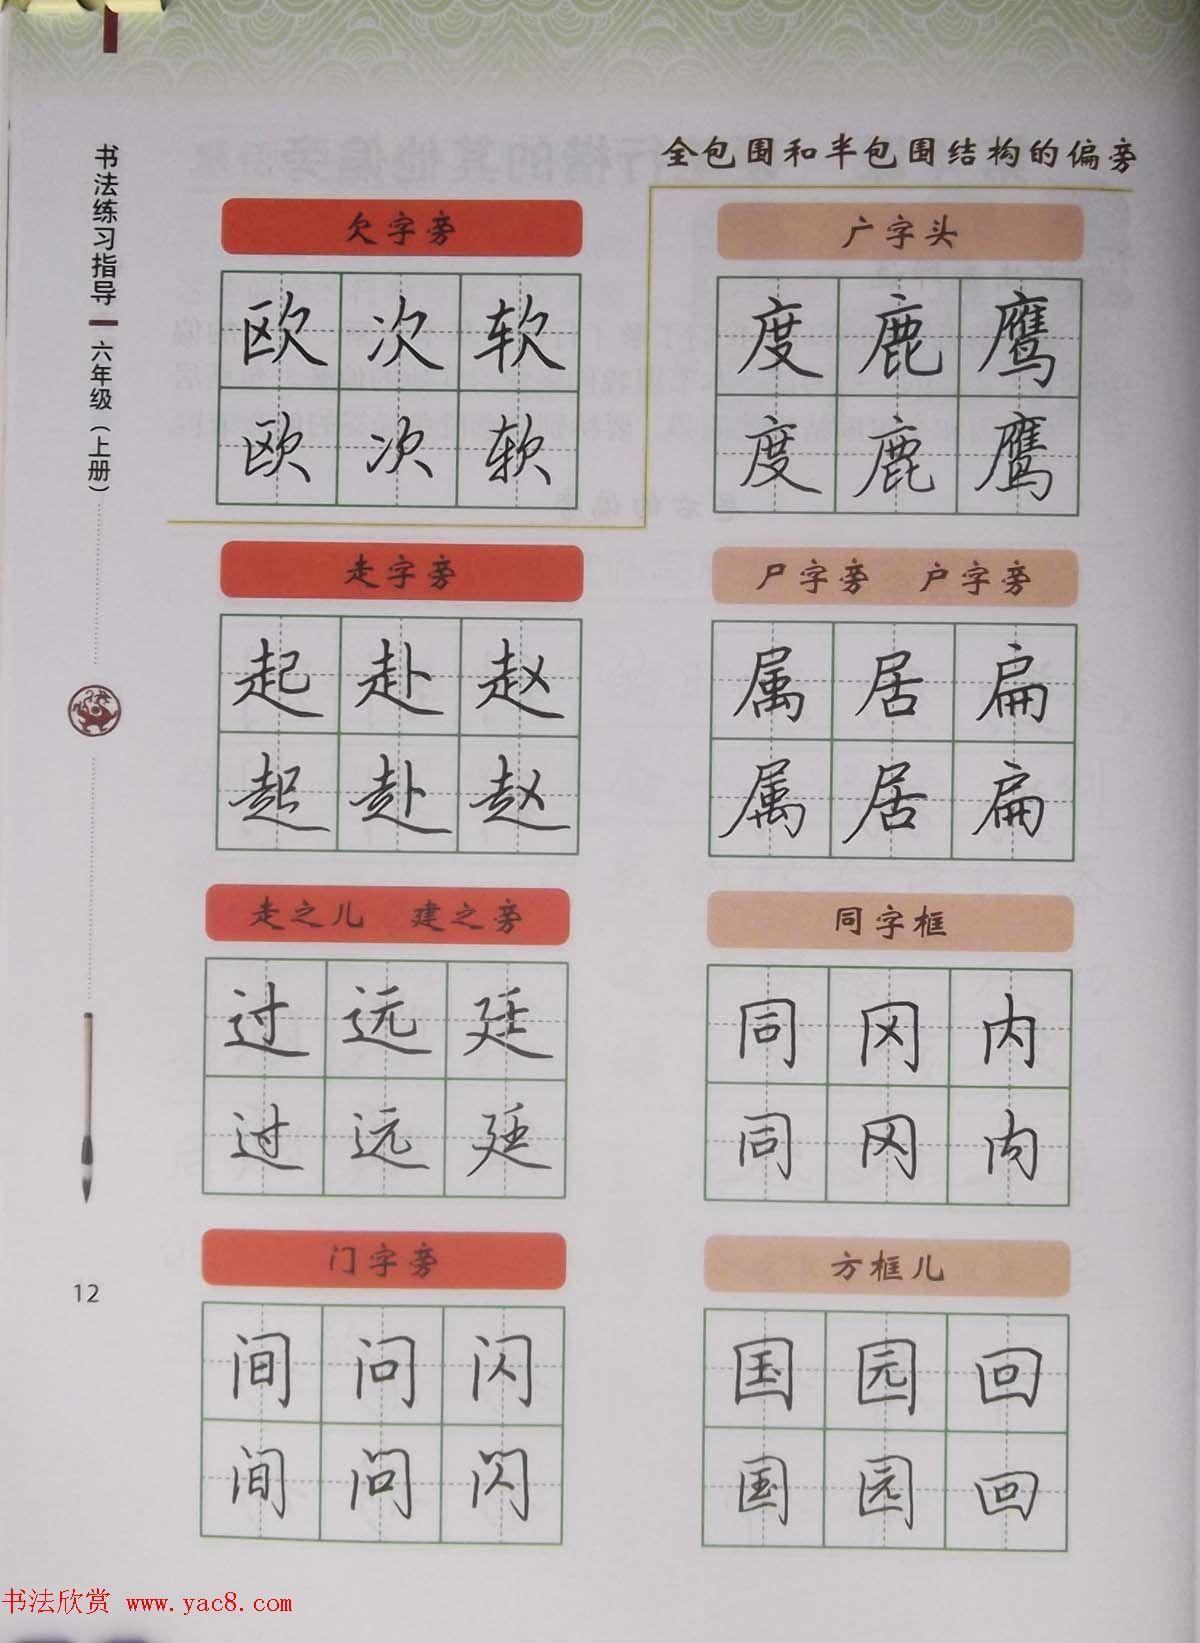 行楷书法硬笔教程《视频练习v行楷六上册书法》dnf异界年级教材图片